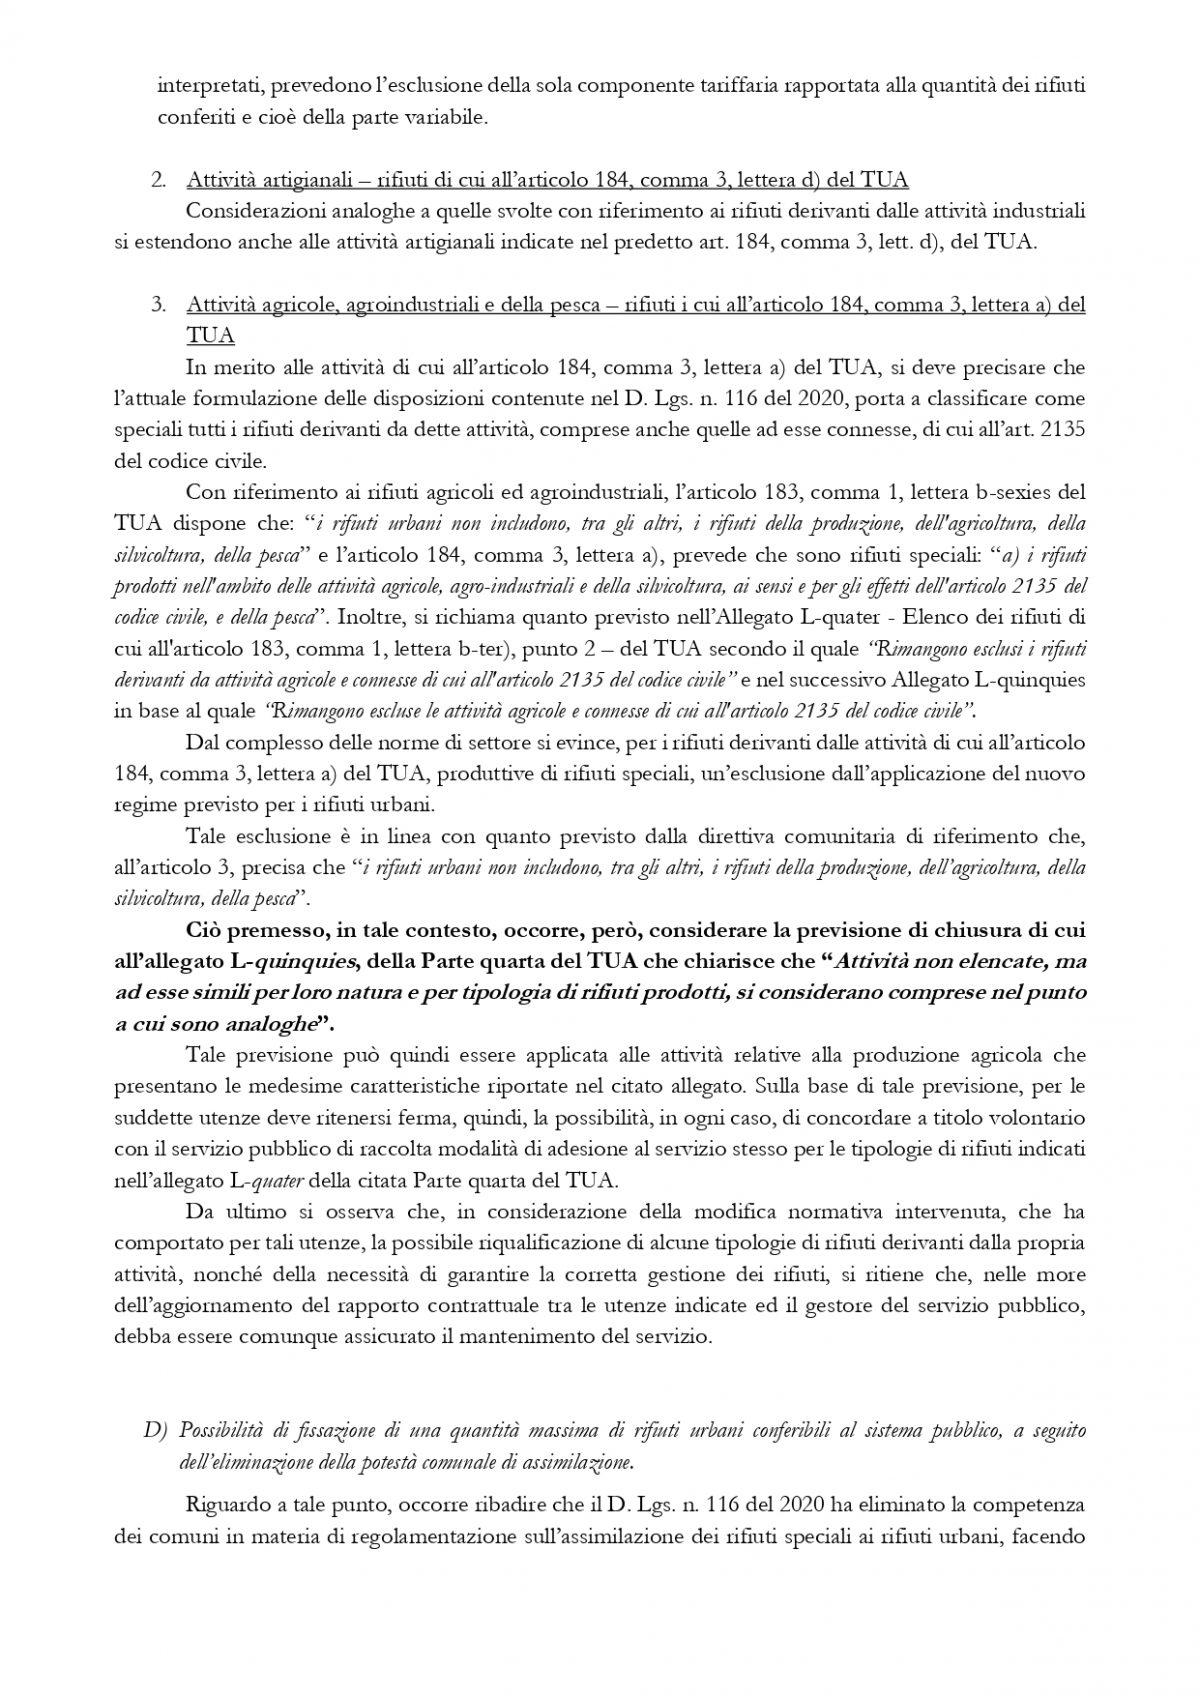 TARI: TASSA RIFIUTI, ESONERO PER AZIENDE AGRICOLE,  Circolare del 12 aprile 2021 del Ministero dell'Ambiente